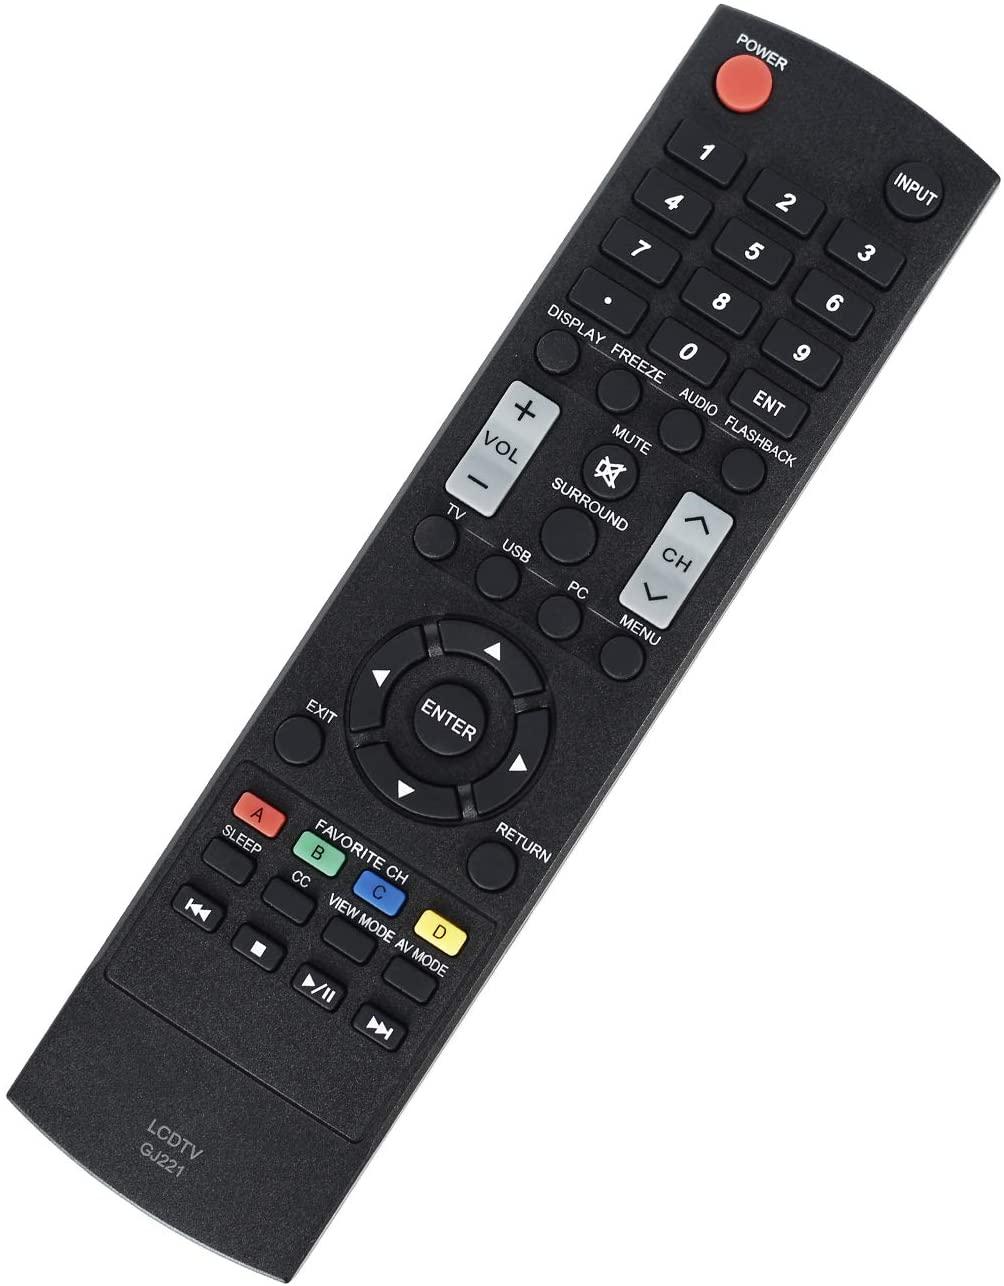 New GJ221 Remote Control Work for Sharp LED HDTV LC-32LE653U LC-40LE653U LC-43LE653U LC-48LE653U LC-55LE653U LC-65LE645U LC-65LE653U LC-65LE654U